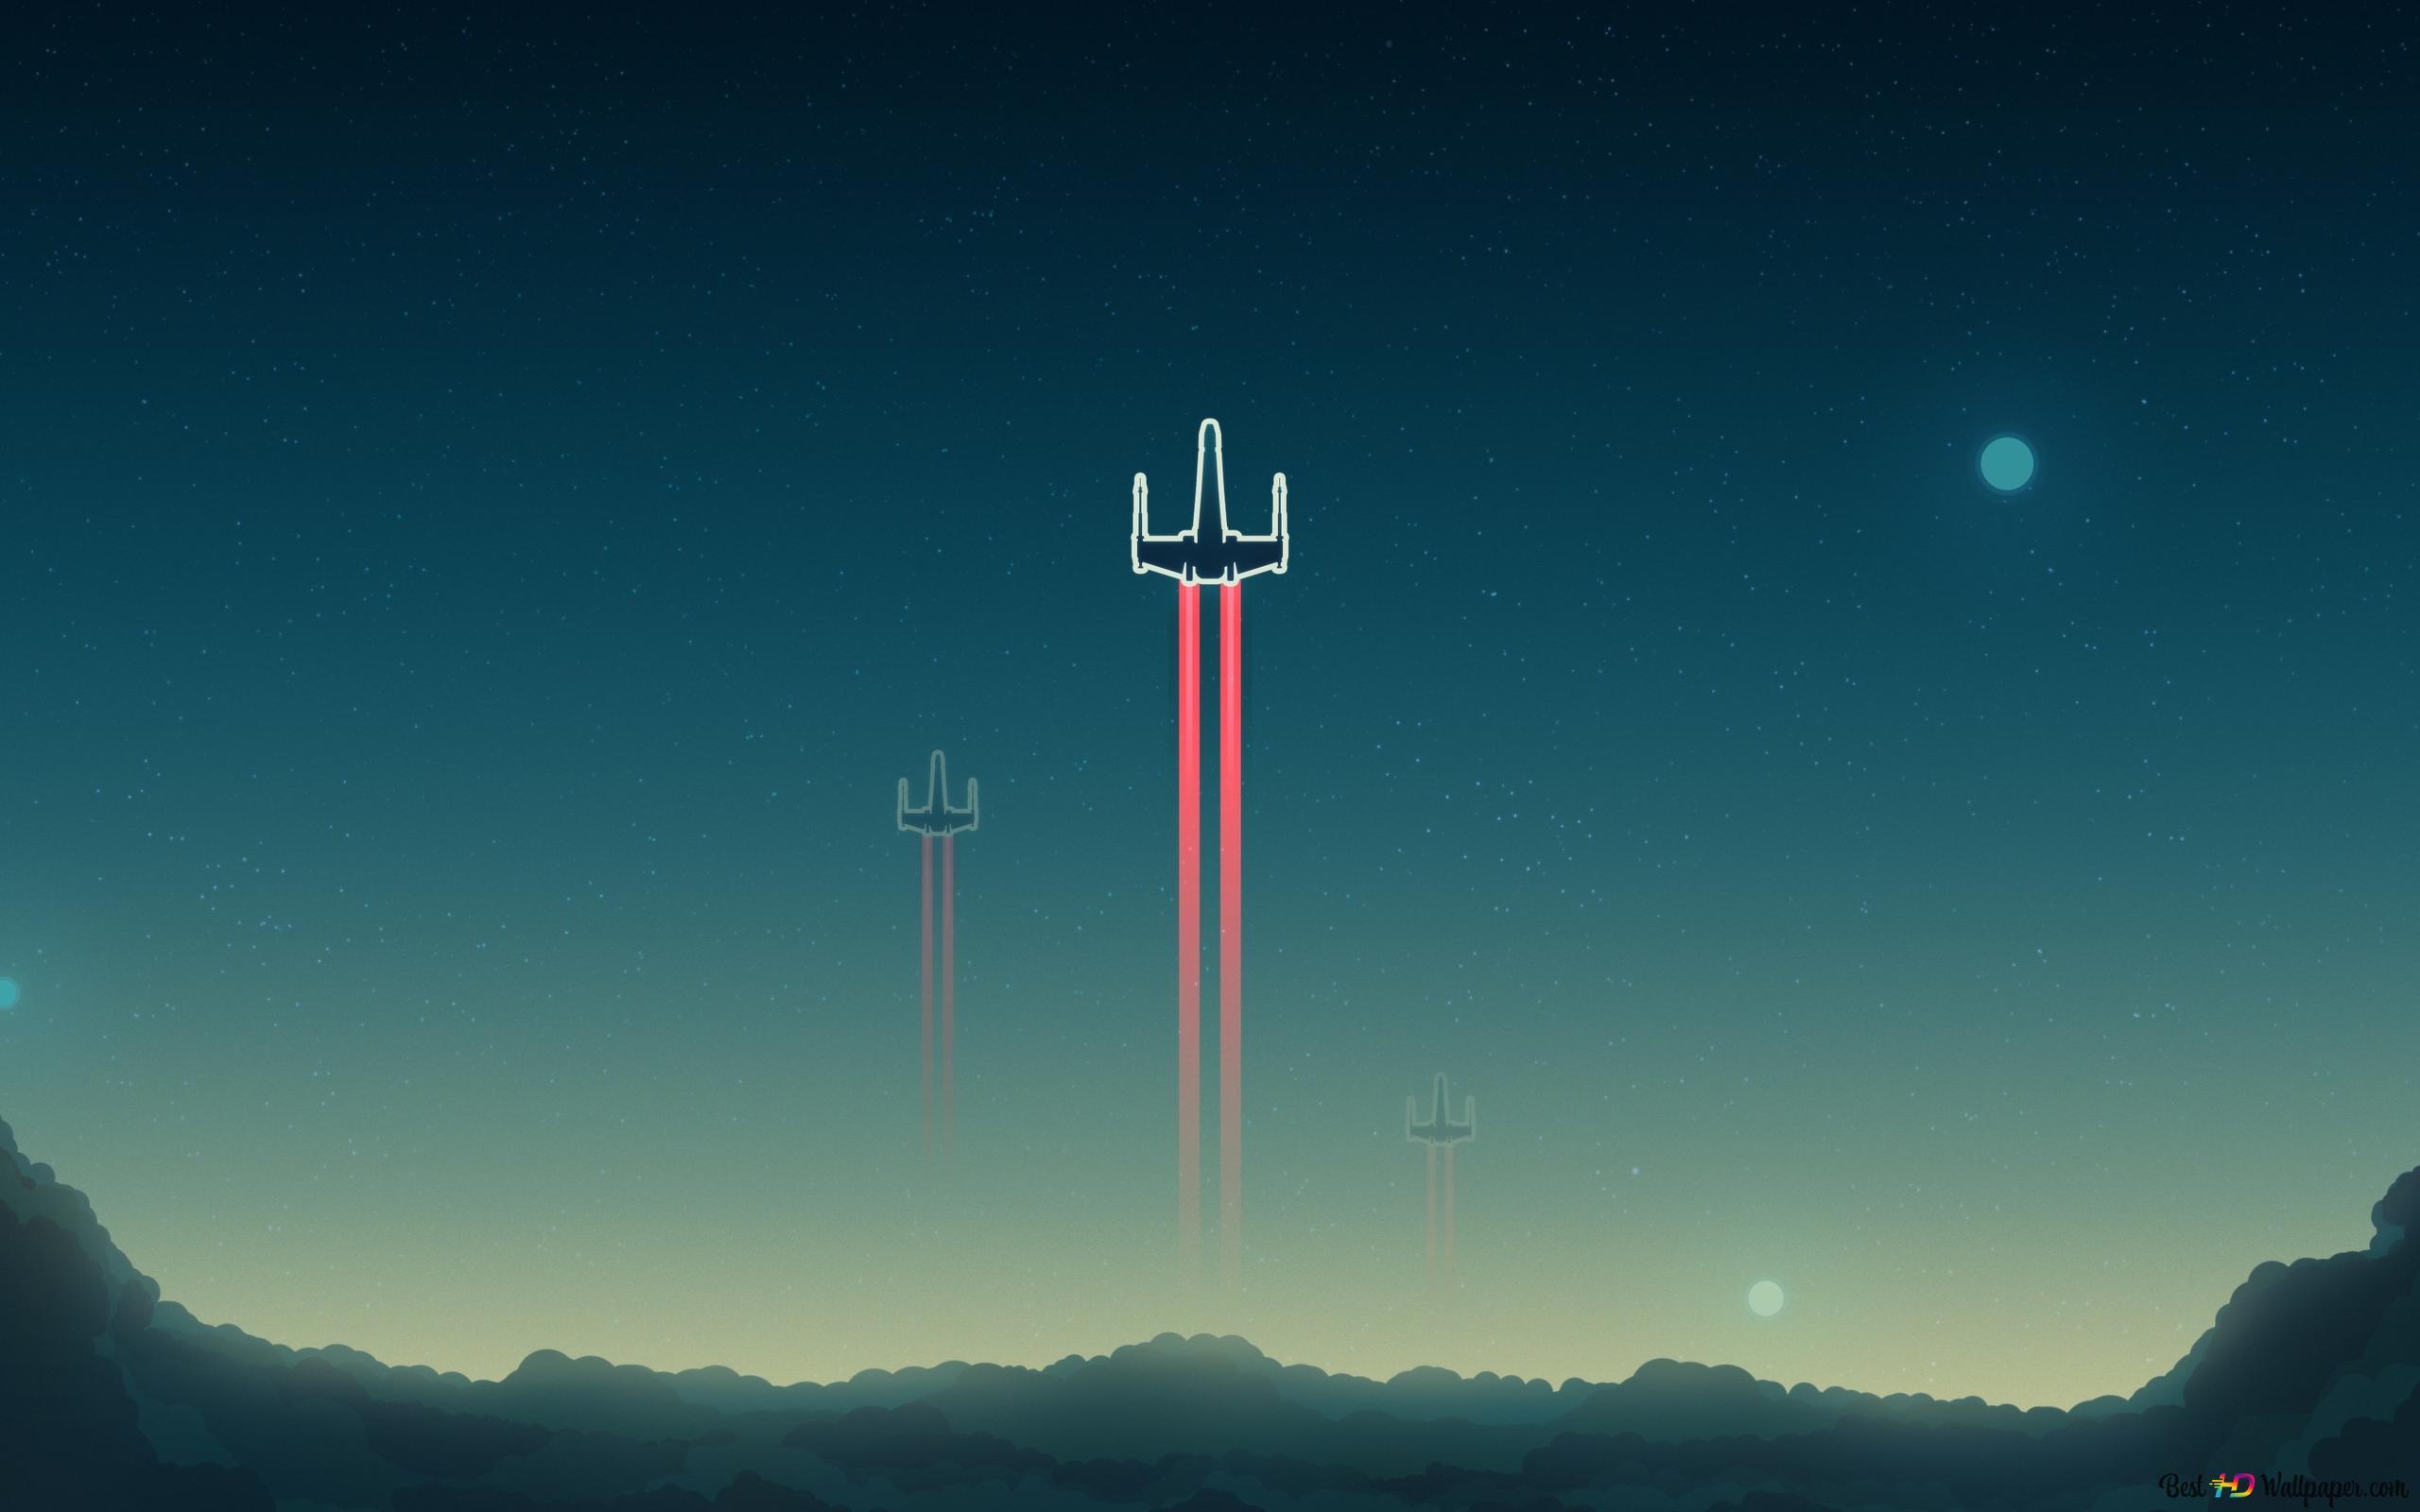 x wing starfighter star wars digital art wallpaper 2560x1600 42028 7